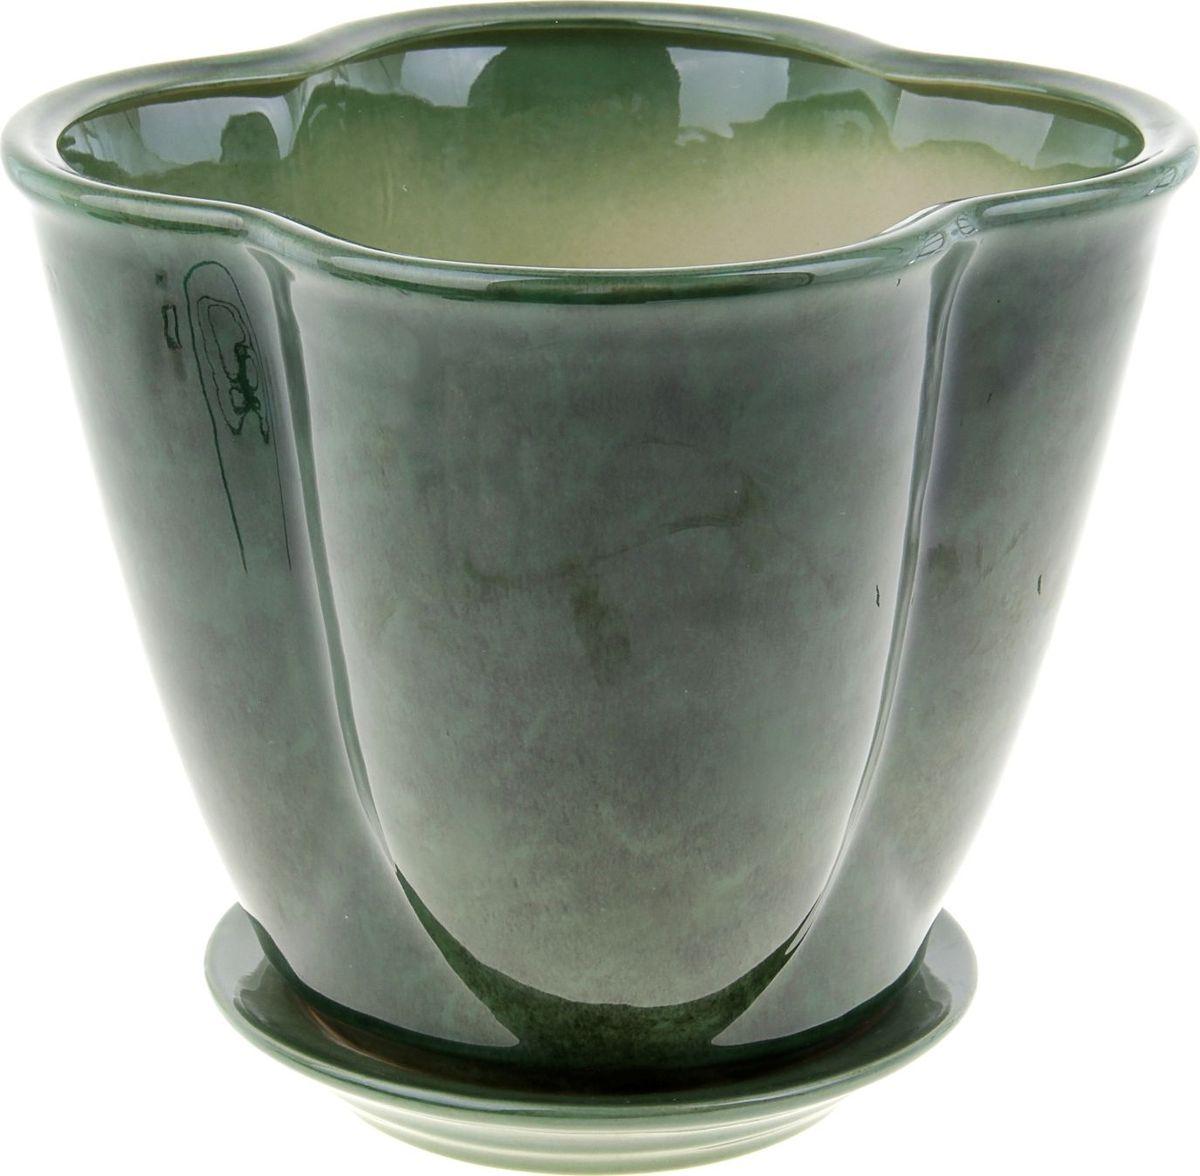 Кашпо Дези, цвет: зеленый, 7 л840152Комнатные растения — всеобщие любимцы. Они радуют глаз, насыщают помещение кислородом и украшают пространство. Каждому из них необходим свой удобный и красивый дом. Кашпо из керамики прекрасно подходят для высадки растений: за счёт пластичности глины и разных способов обработки существует великое множество форм и дизайновпористый материал позволяет испаряться лишней влагевоздух, необходимый для дыхания корней, проникает сквозь керамические стенки! #name# позаботится о зелёном питомце, освежит интерьер и подчеркнёт его стиль.